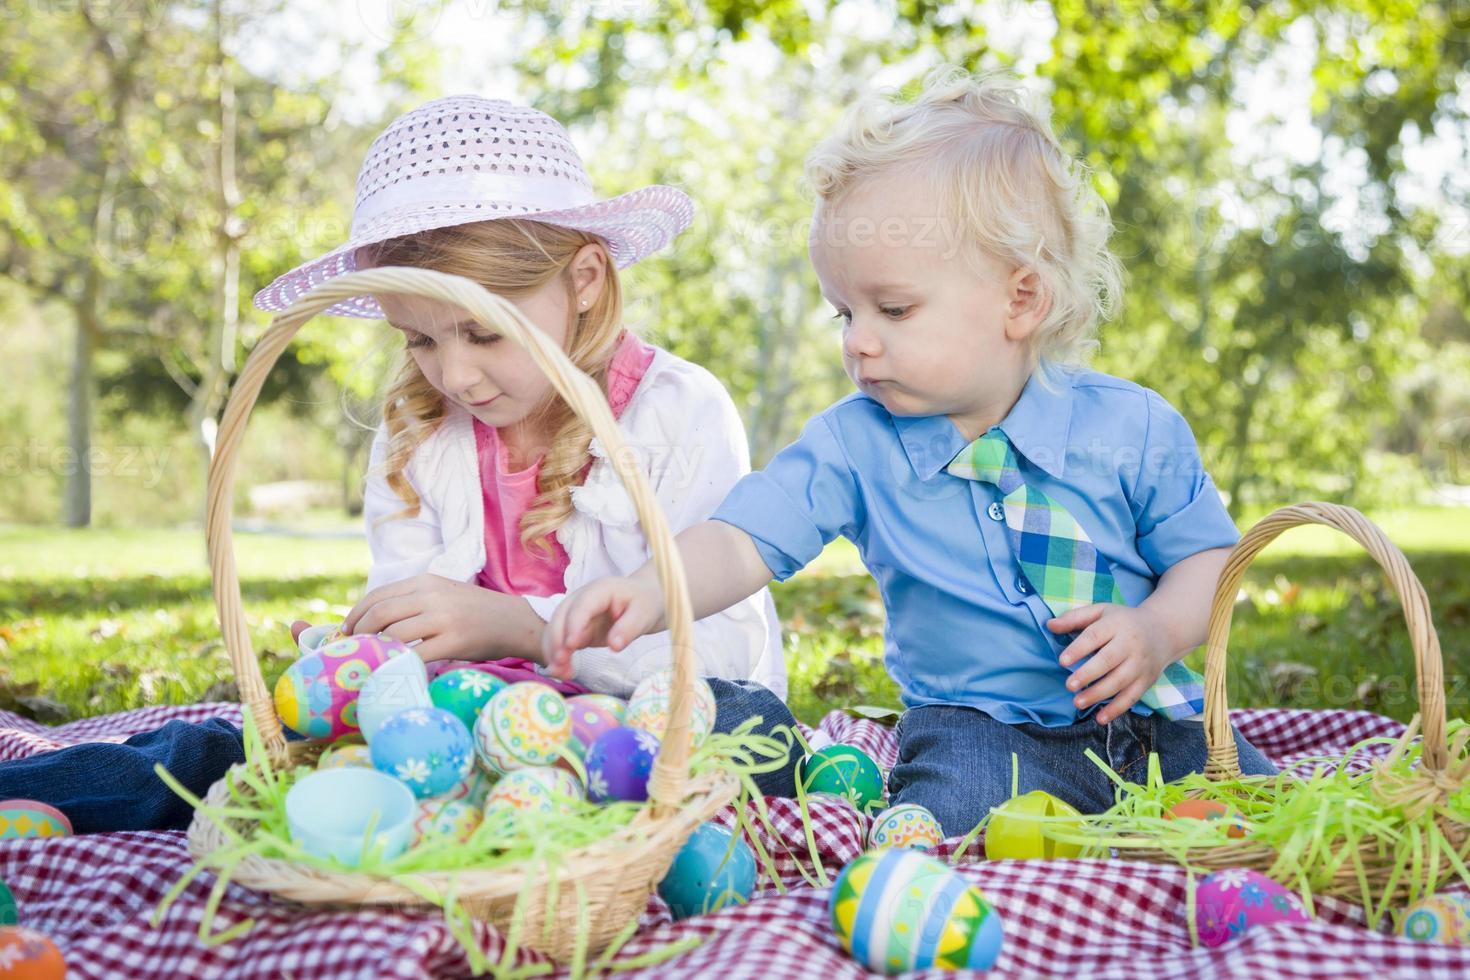 lindo joven hermano y hermana disfrutando de sus huevos de pascua afuera foto